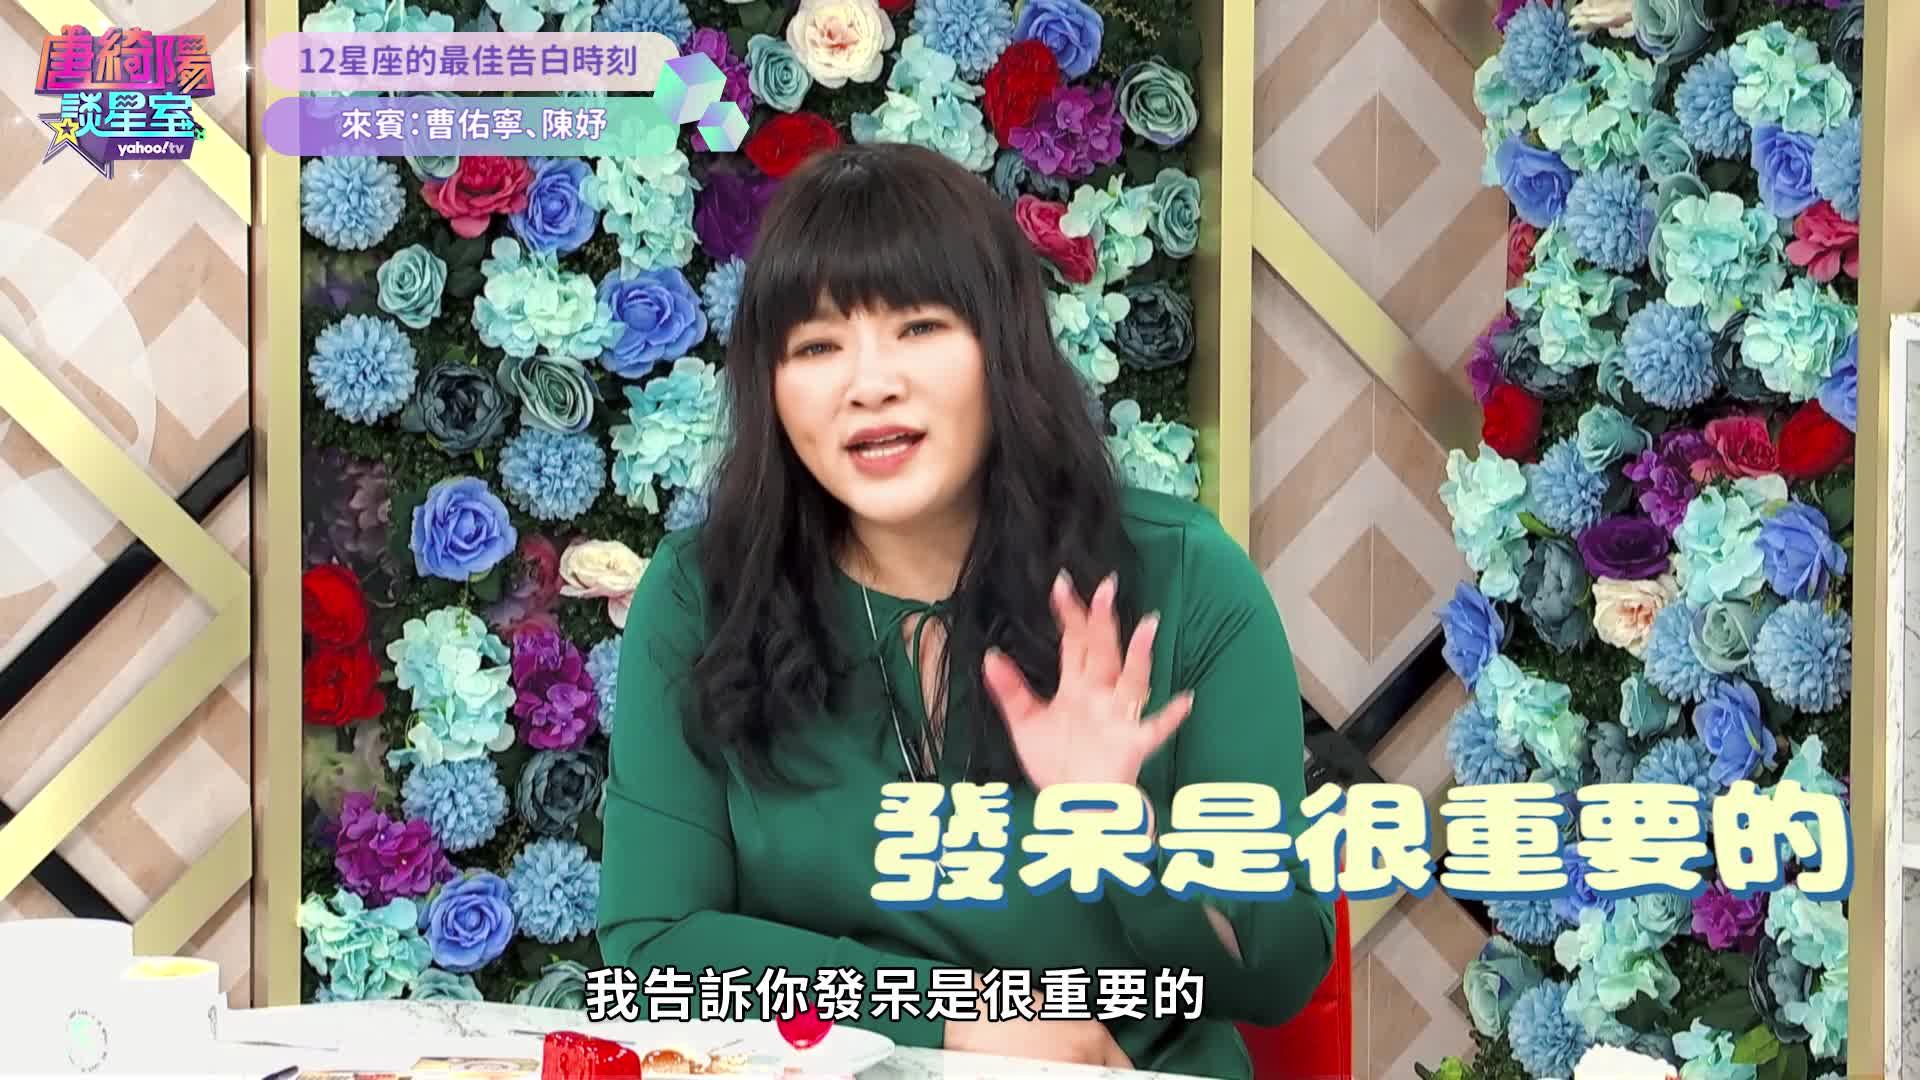 唐綺陽揭秘曹佑寧超難搞原因 這行為真的超母湯